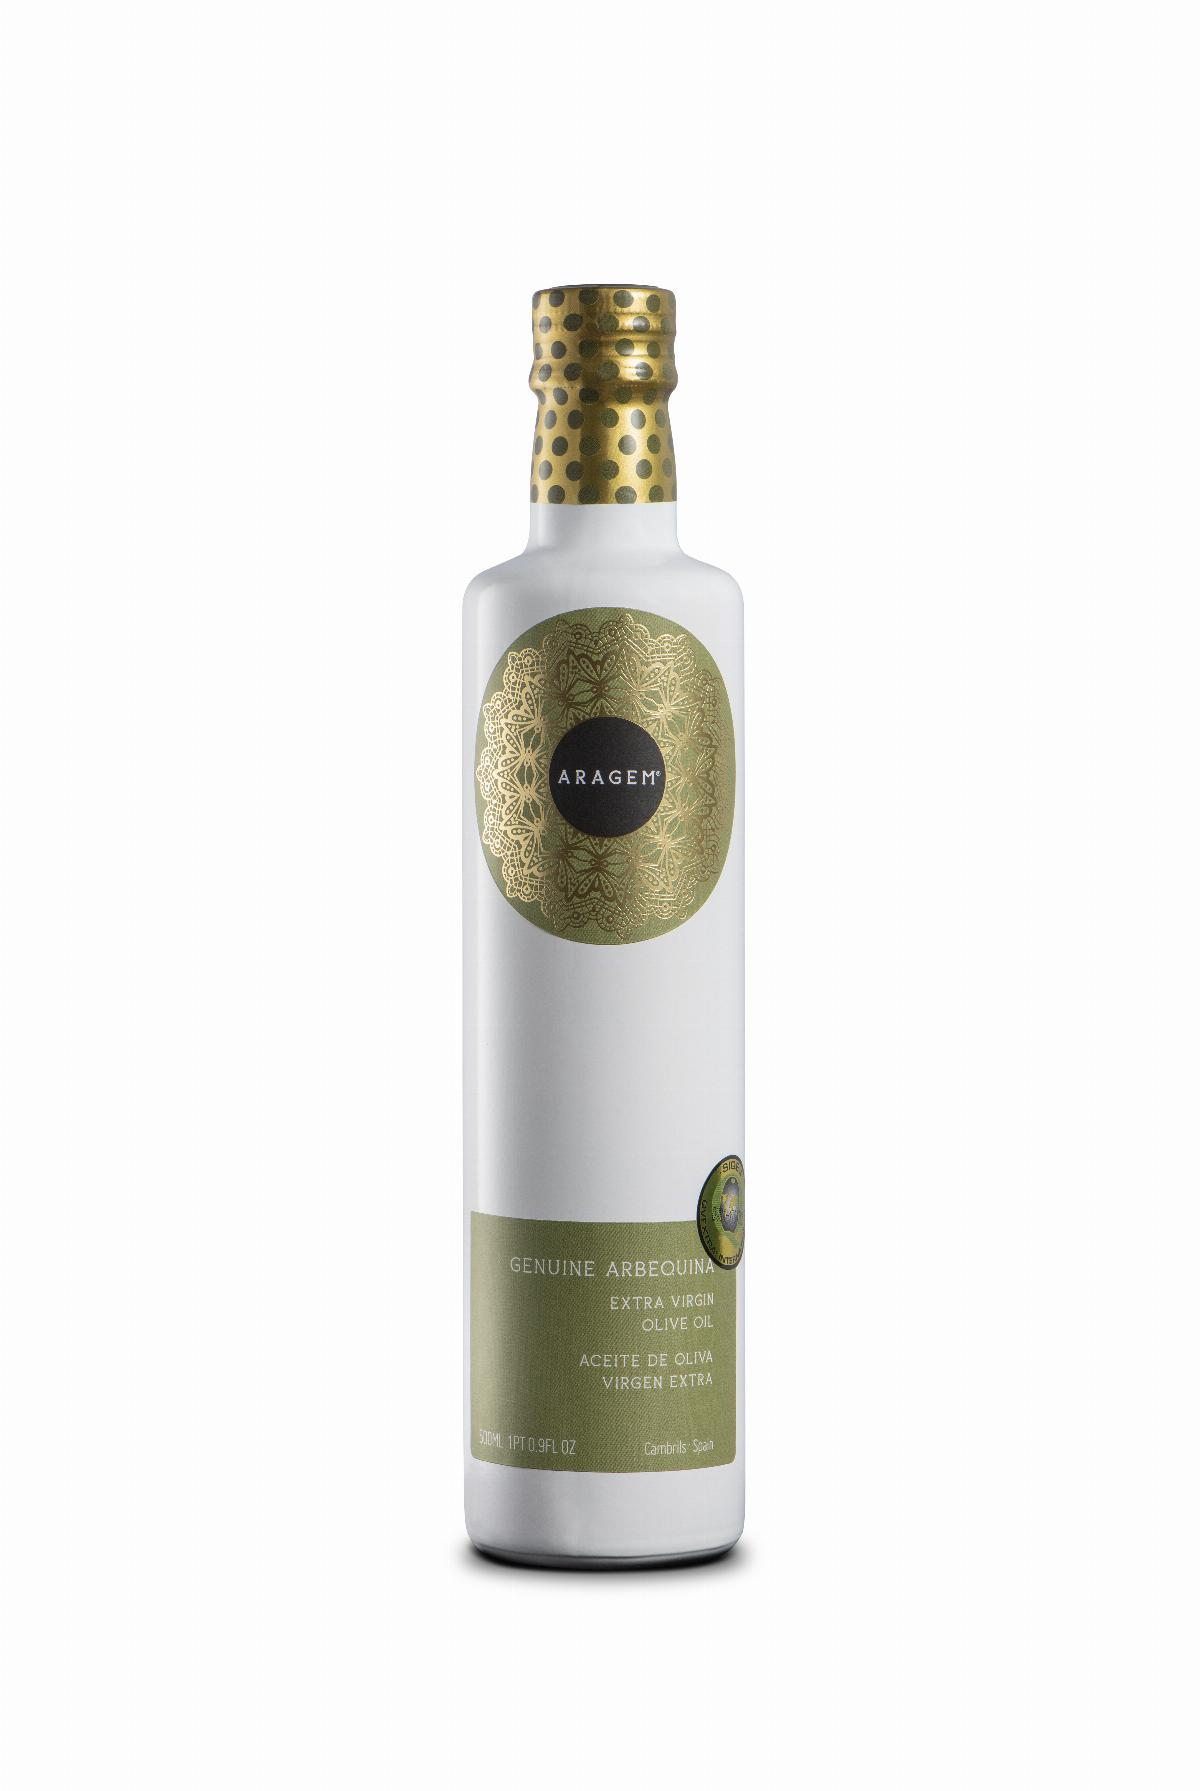 Aceite de Oliva Virgen Extra Aragem Dórica botella 500 ml